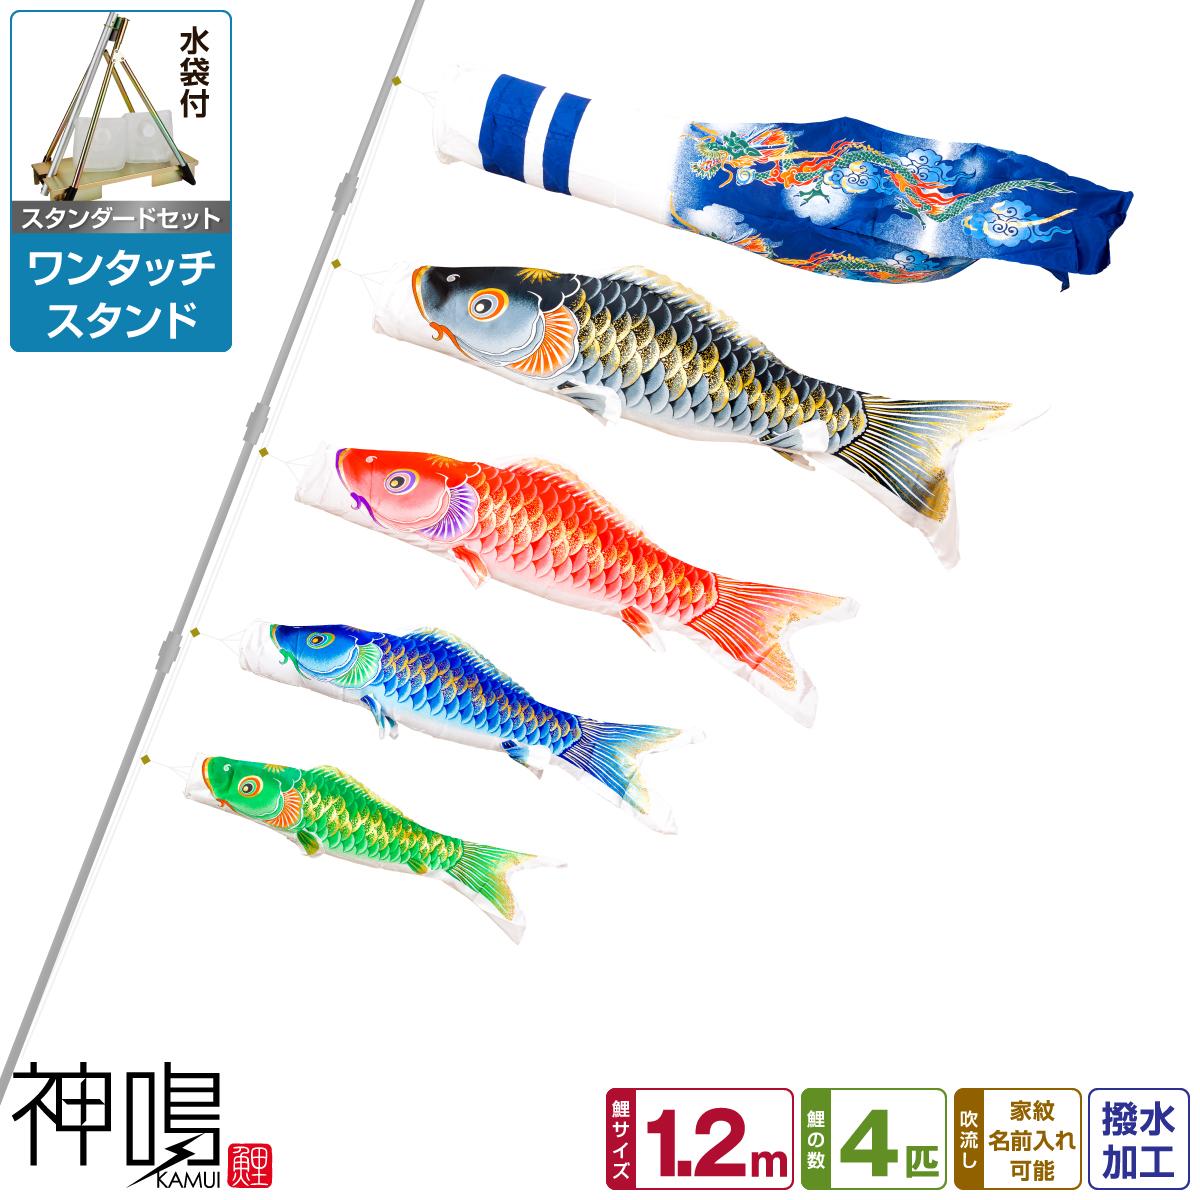 ベランダ用 鯉のぼり 神鳴鯉-KAMUI- 1.2m 7点(吹流し+鯉4匹+矢車+ロープ)/スタンダードセット(ワンタッチスタンド)